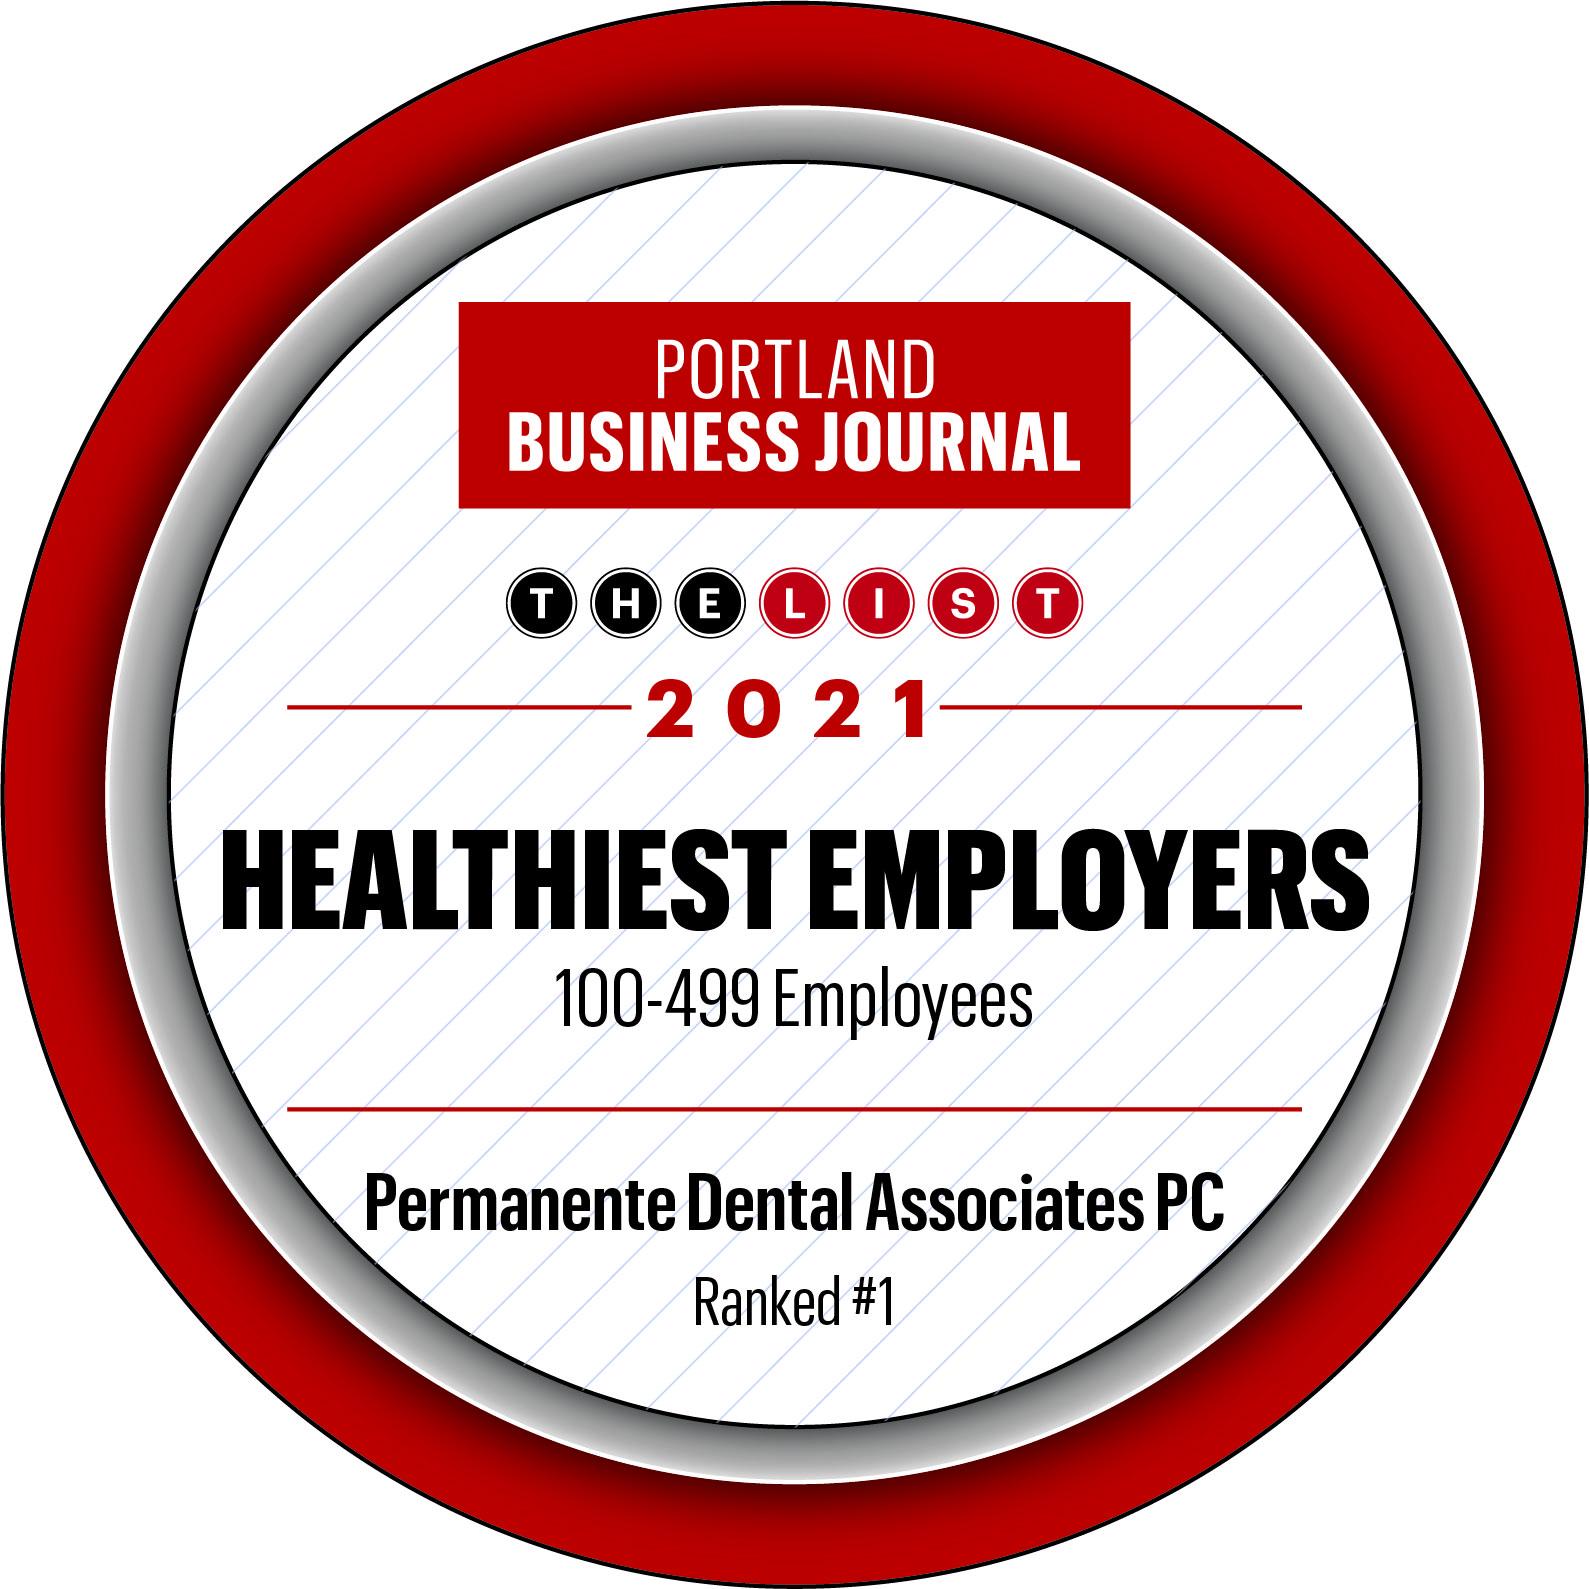 #1 Heathiest Employer